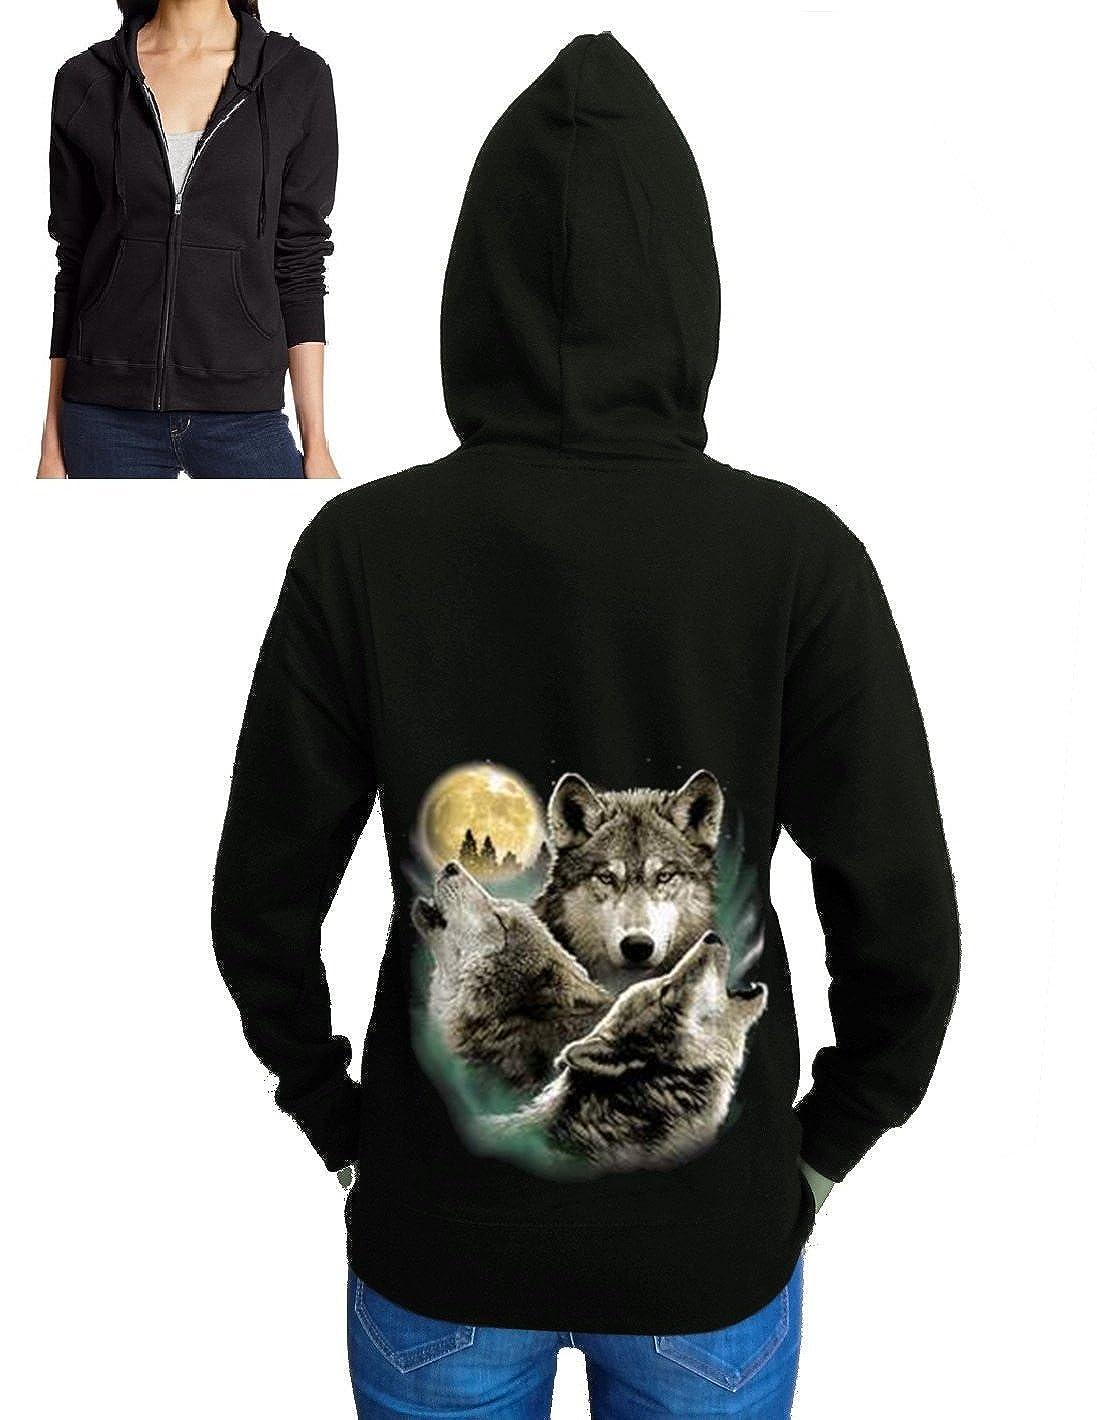 Three Howling Wolves Zipper Hoodie Fleece Black S-2XL Juniors